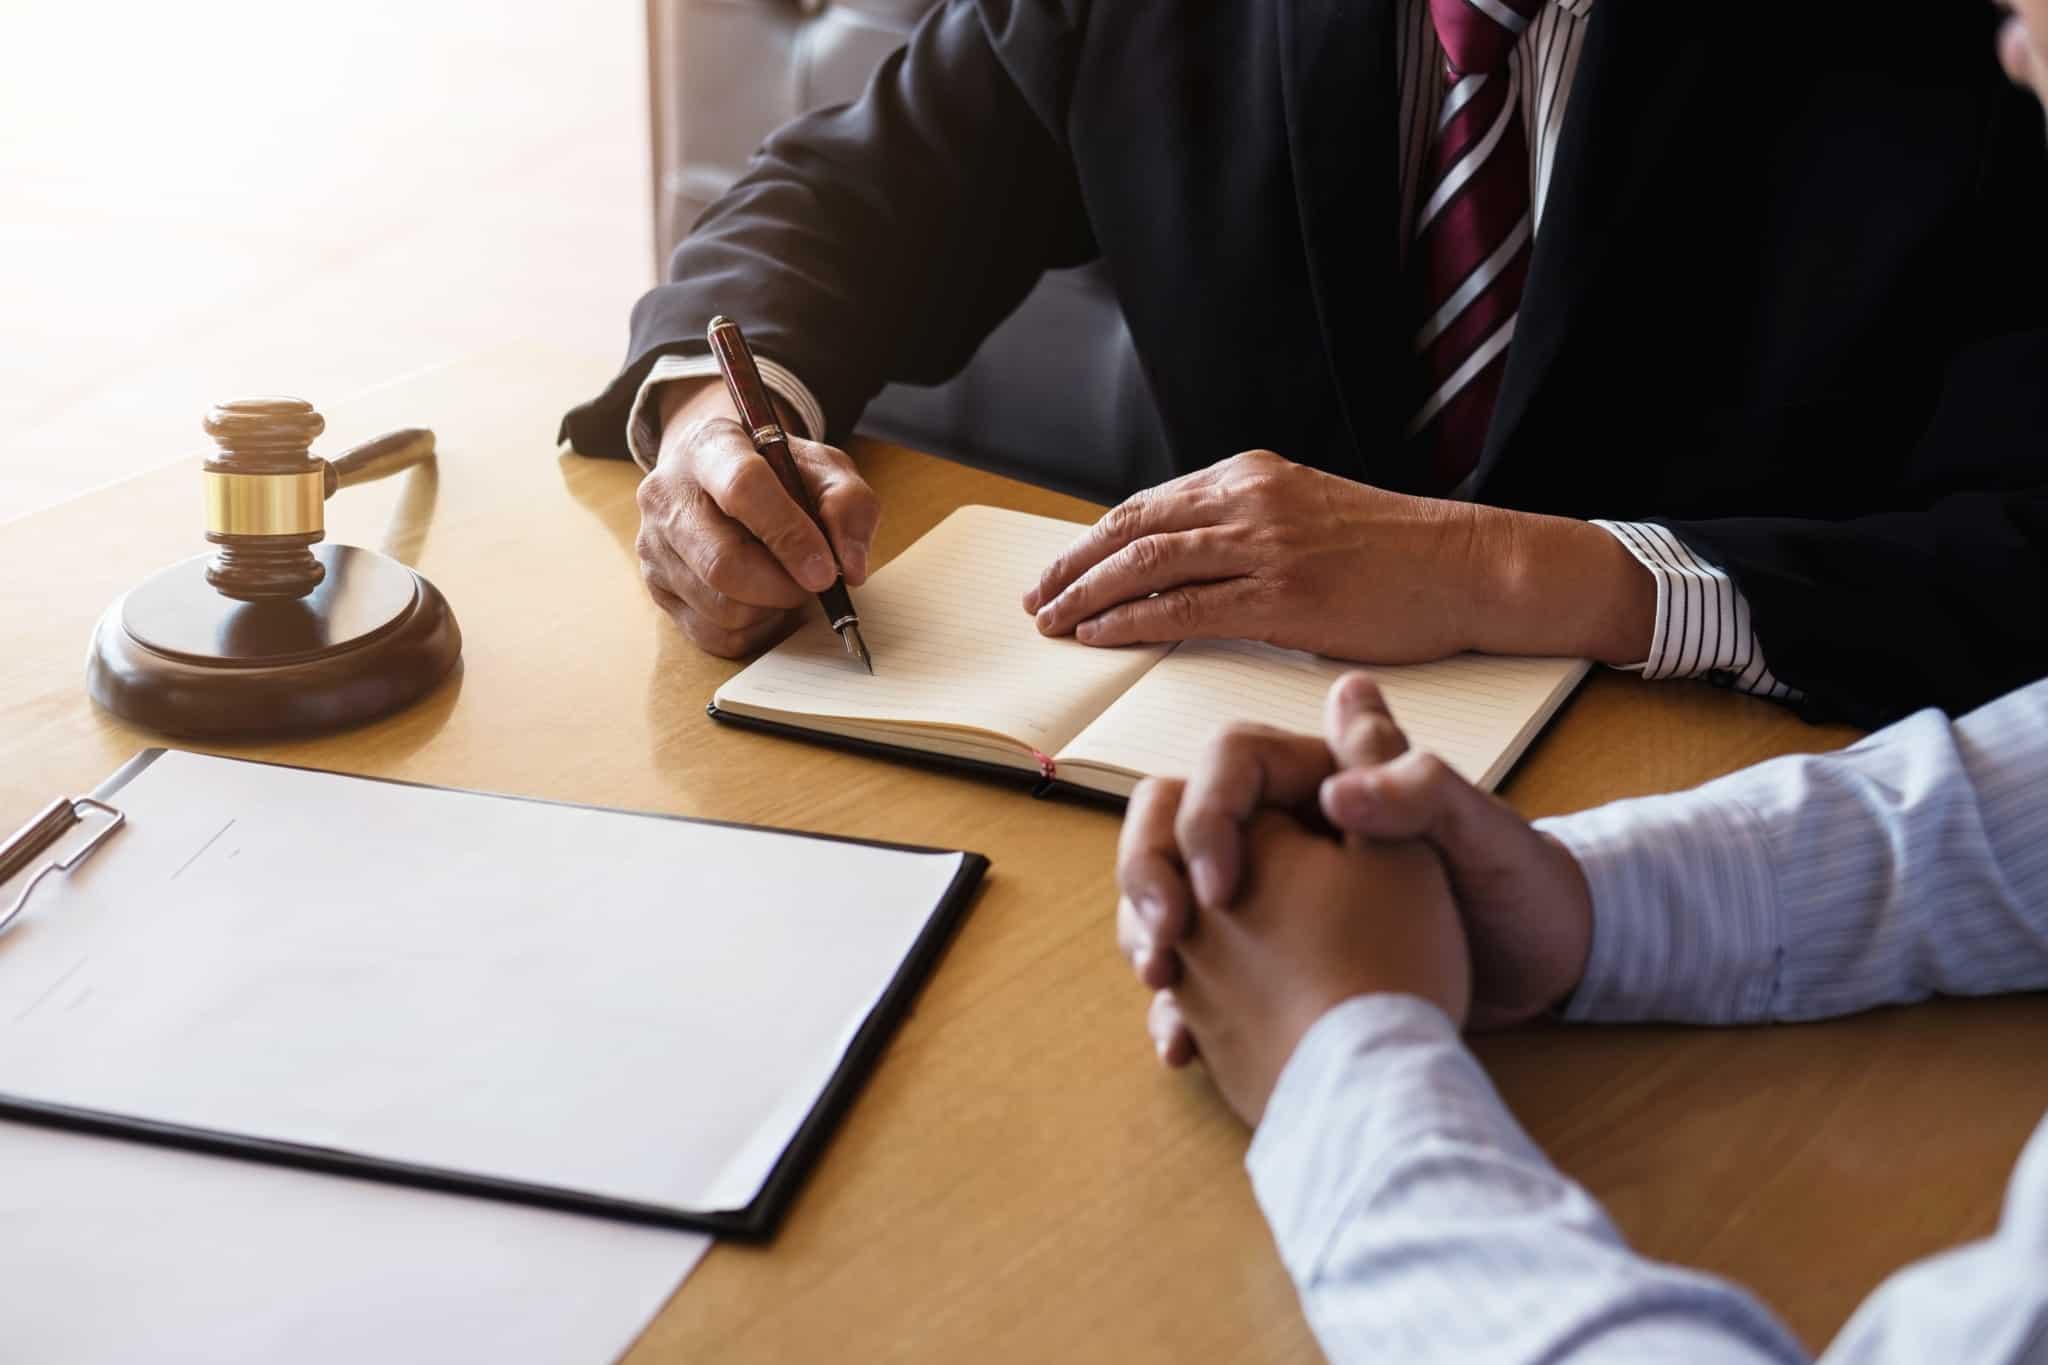 advogado a escrever em bloco de notas com o cliente ao lado